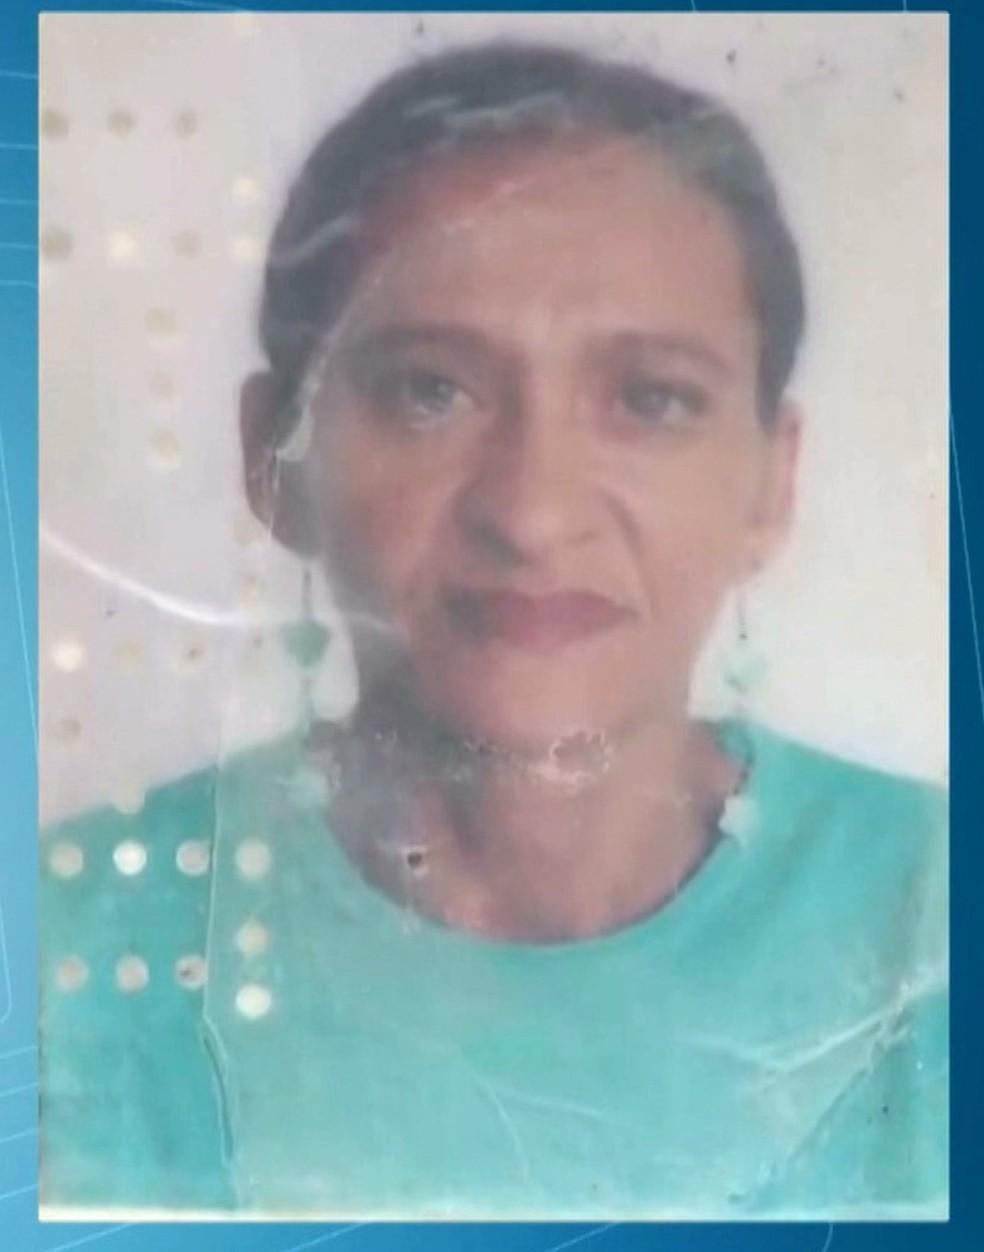 Mulher colocou veneno na janta e matou o marido; ela confessou o crime (Foto: Reprodução/TV Cabo Branco)